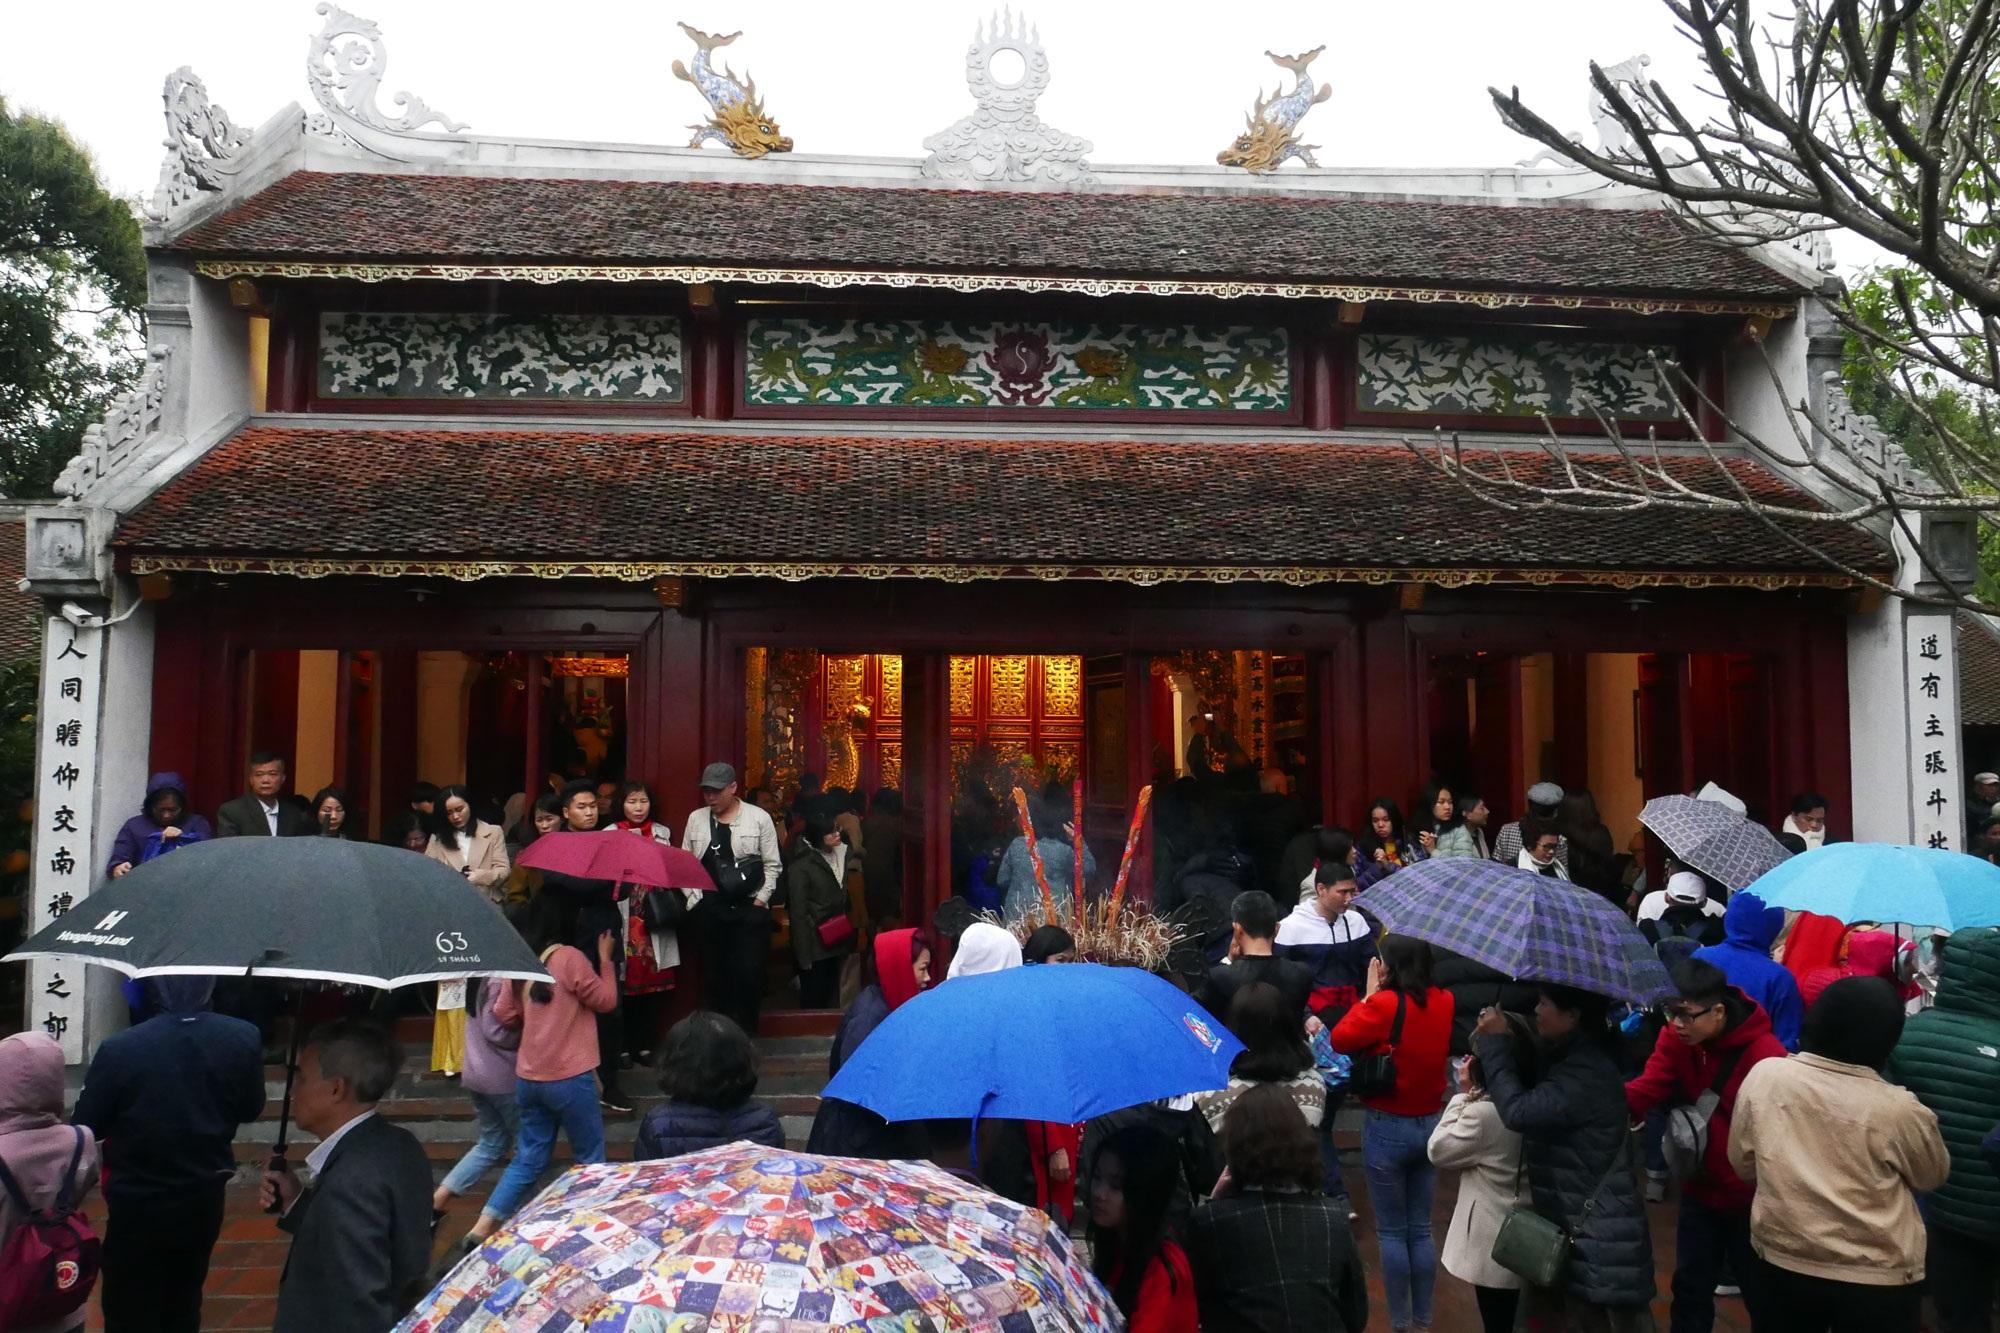 Cảnh lễ đền dưới mưa xuân tuyệt đẹp ở Hà Nội ngày mùng 1 Tết - 6